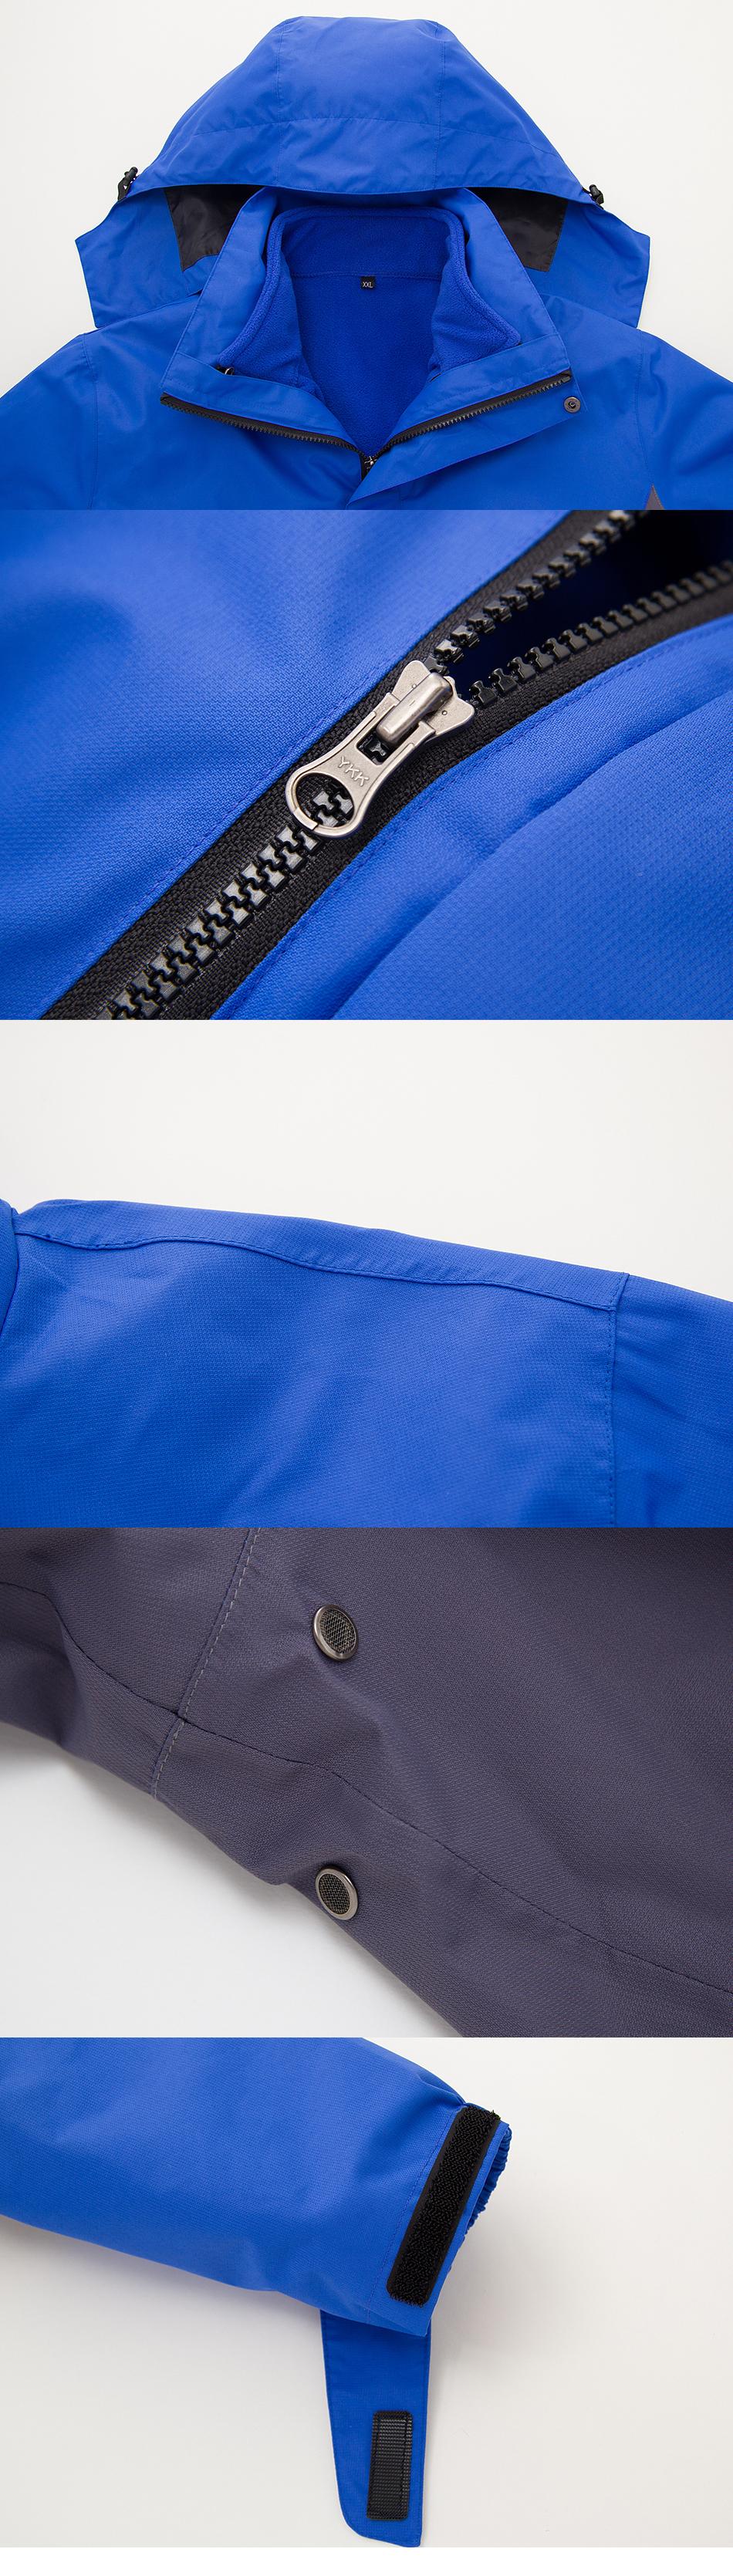 嘉兴工作服冲锋衣-嘉善工作服冲锋衣-平湖工作服冲锋衣定做-海盐工作服冲锋衣定制-桐乡工作服冲锋衣订制-海宁工作服冲锋衣厂家-金山工作服冲锋衣订做4